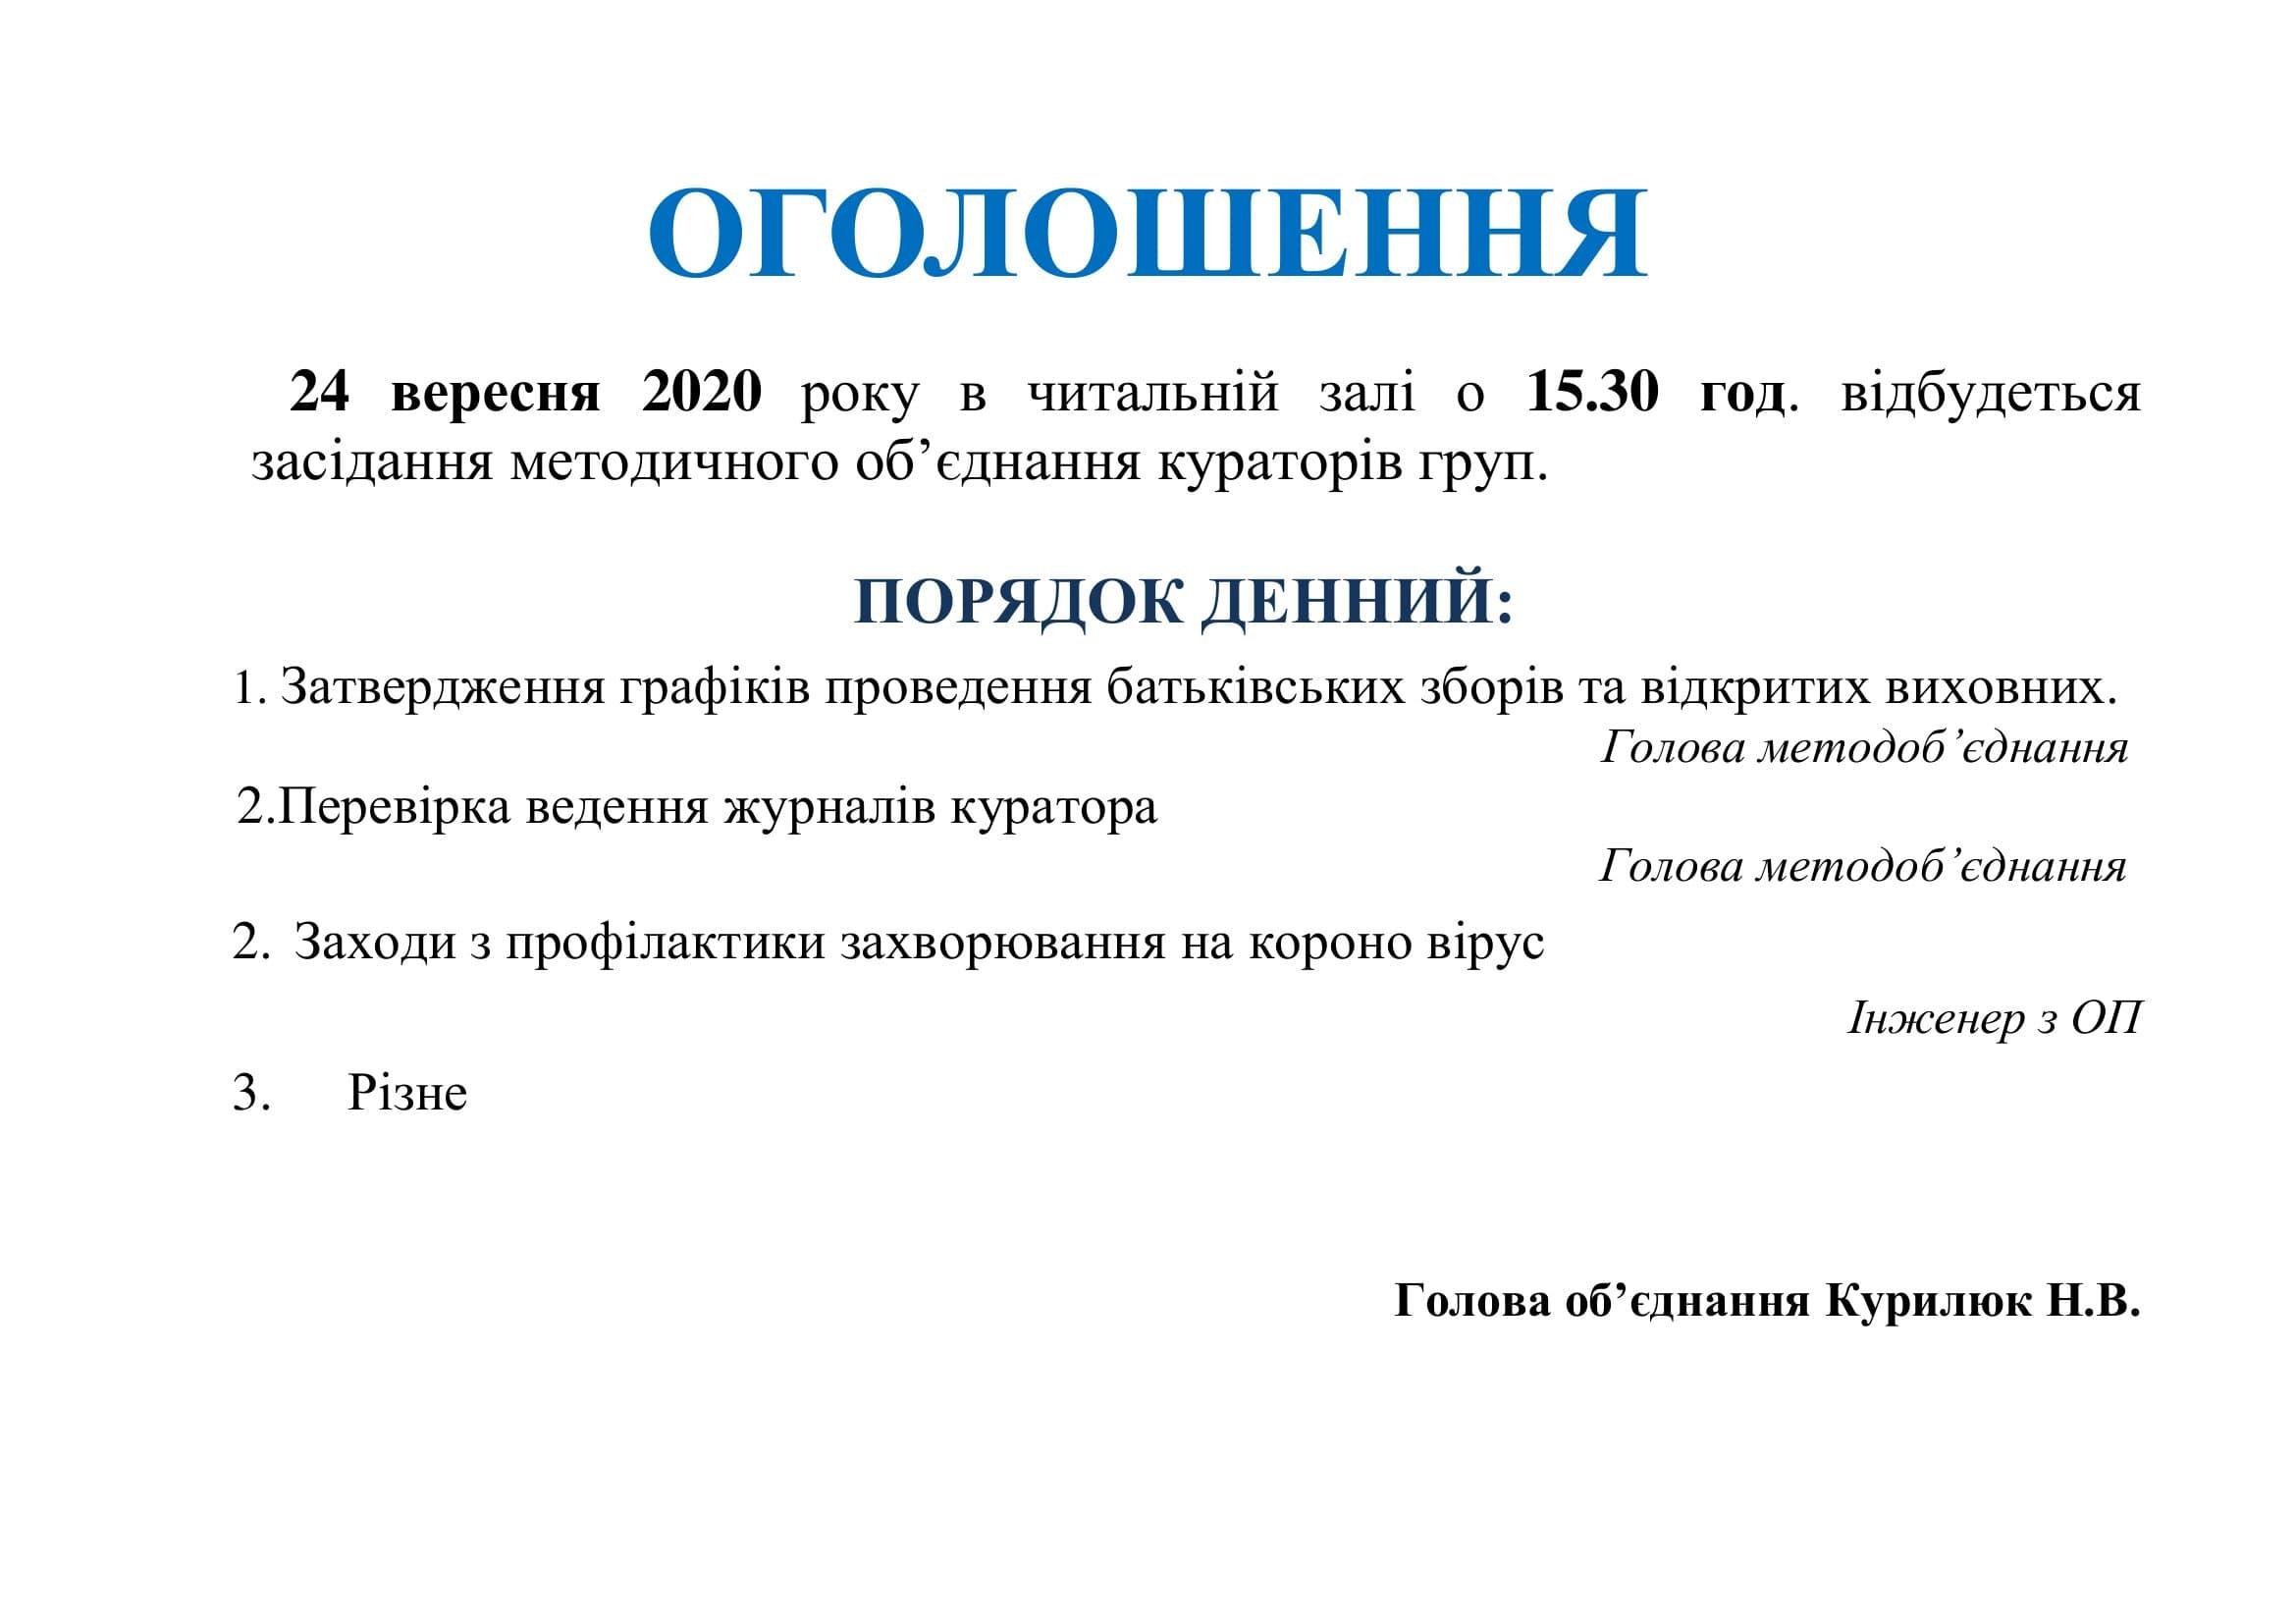 ОГОЛОШЕННЯ_1600753211